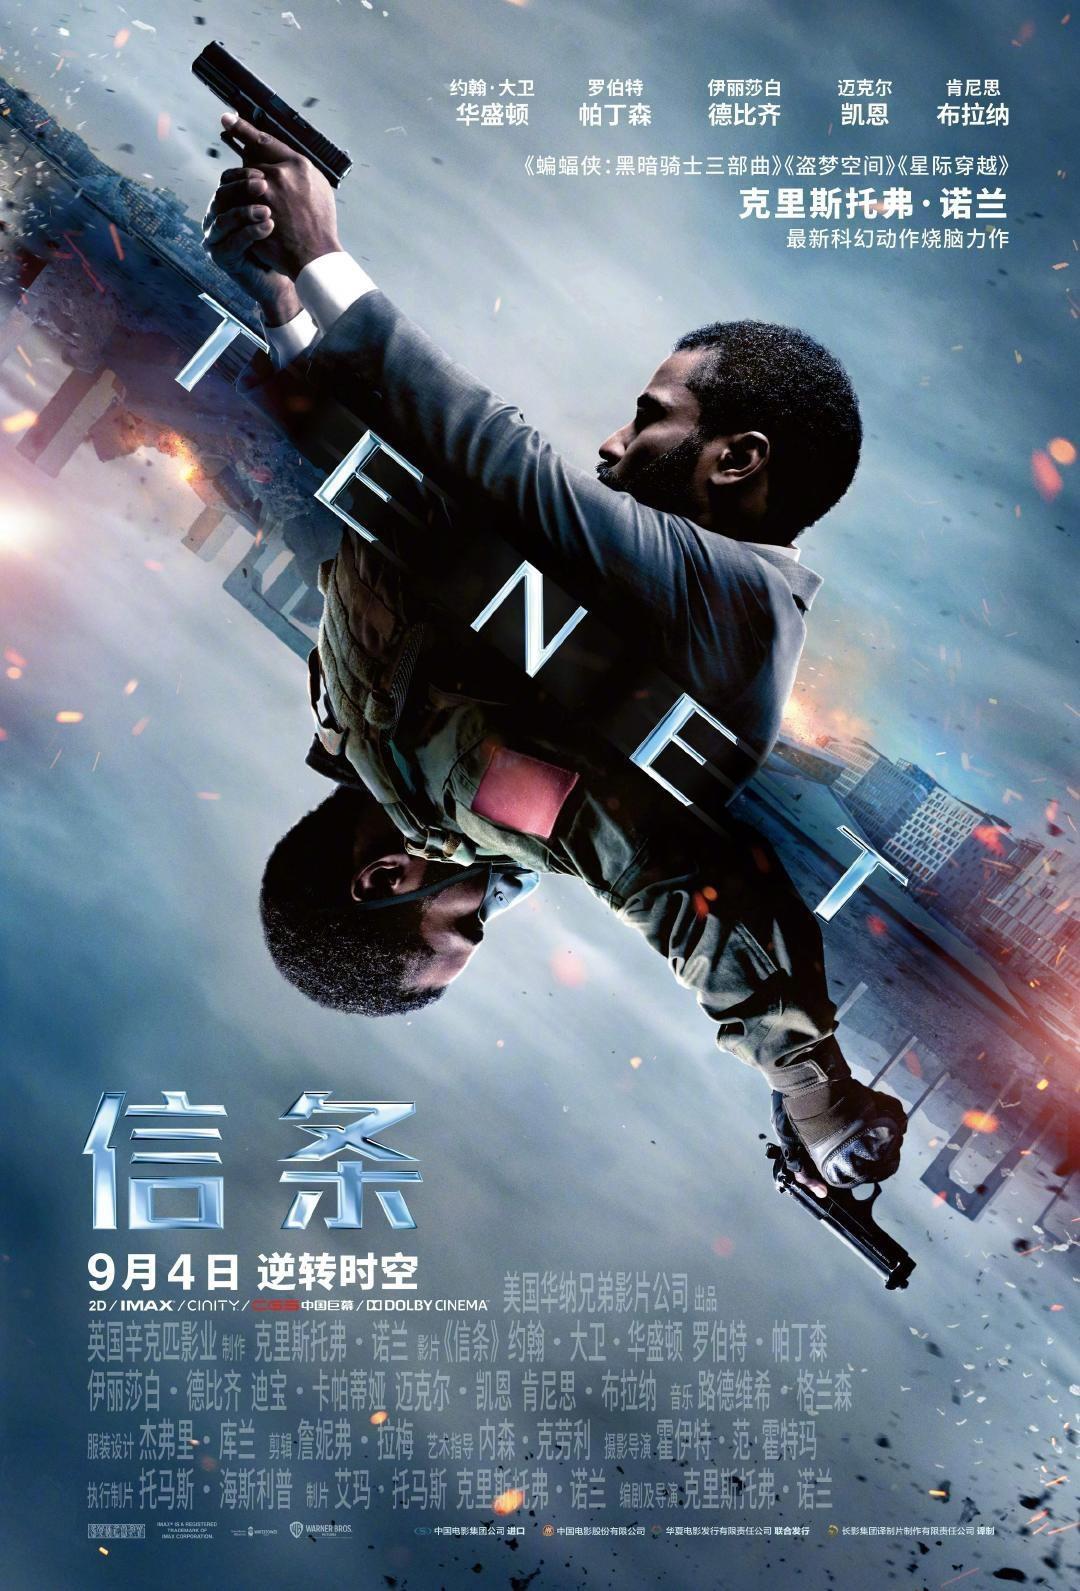 《信条》发中文版新海报 将于9月4日在内地上映